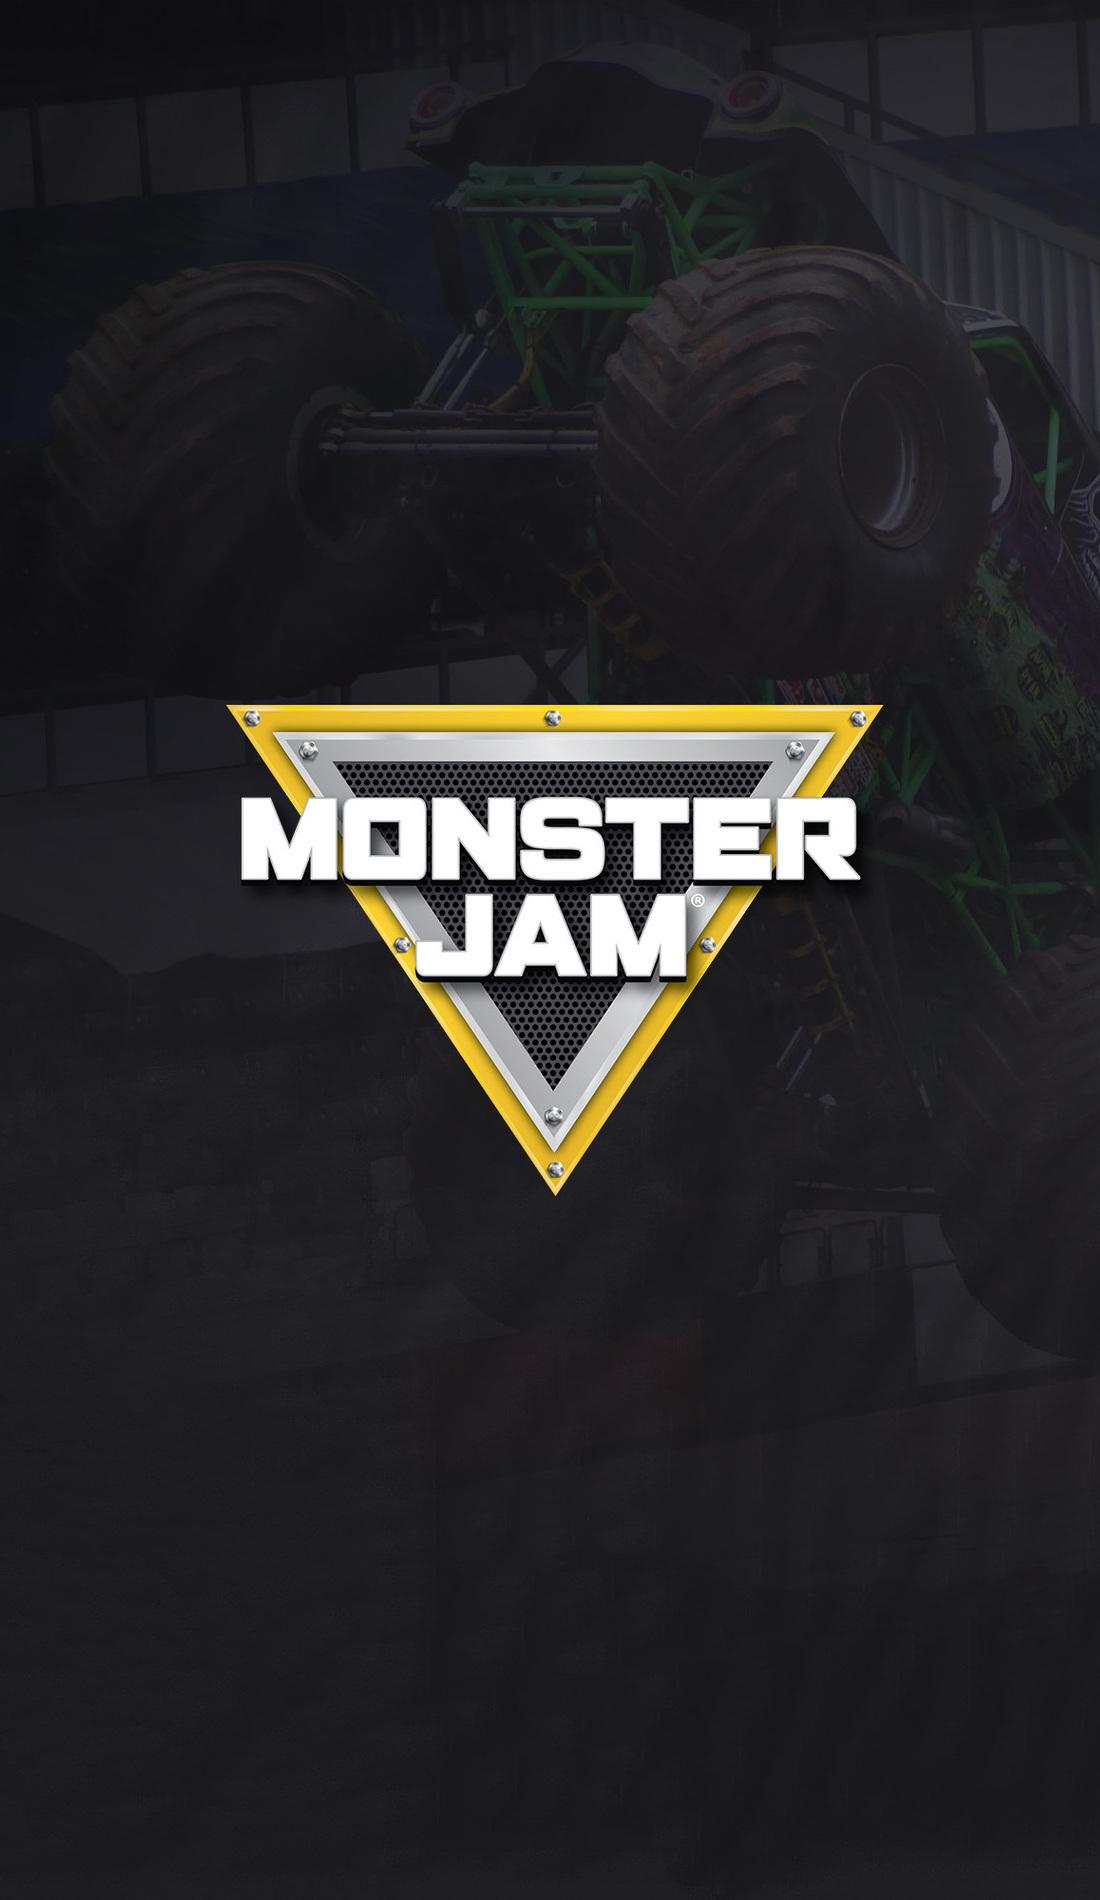 A Monster Jam live event